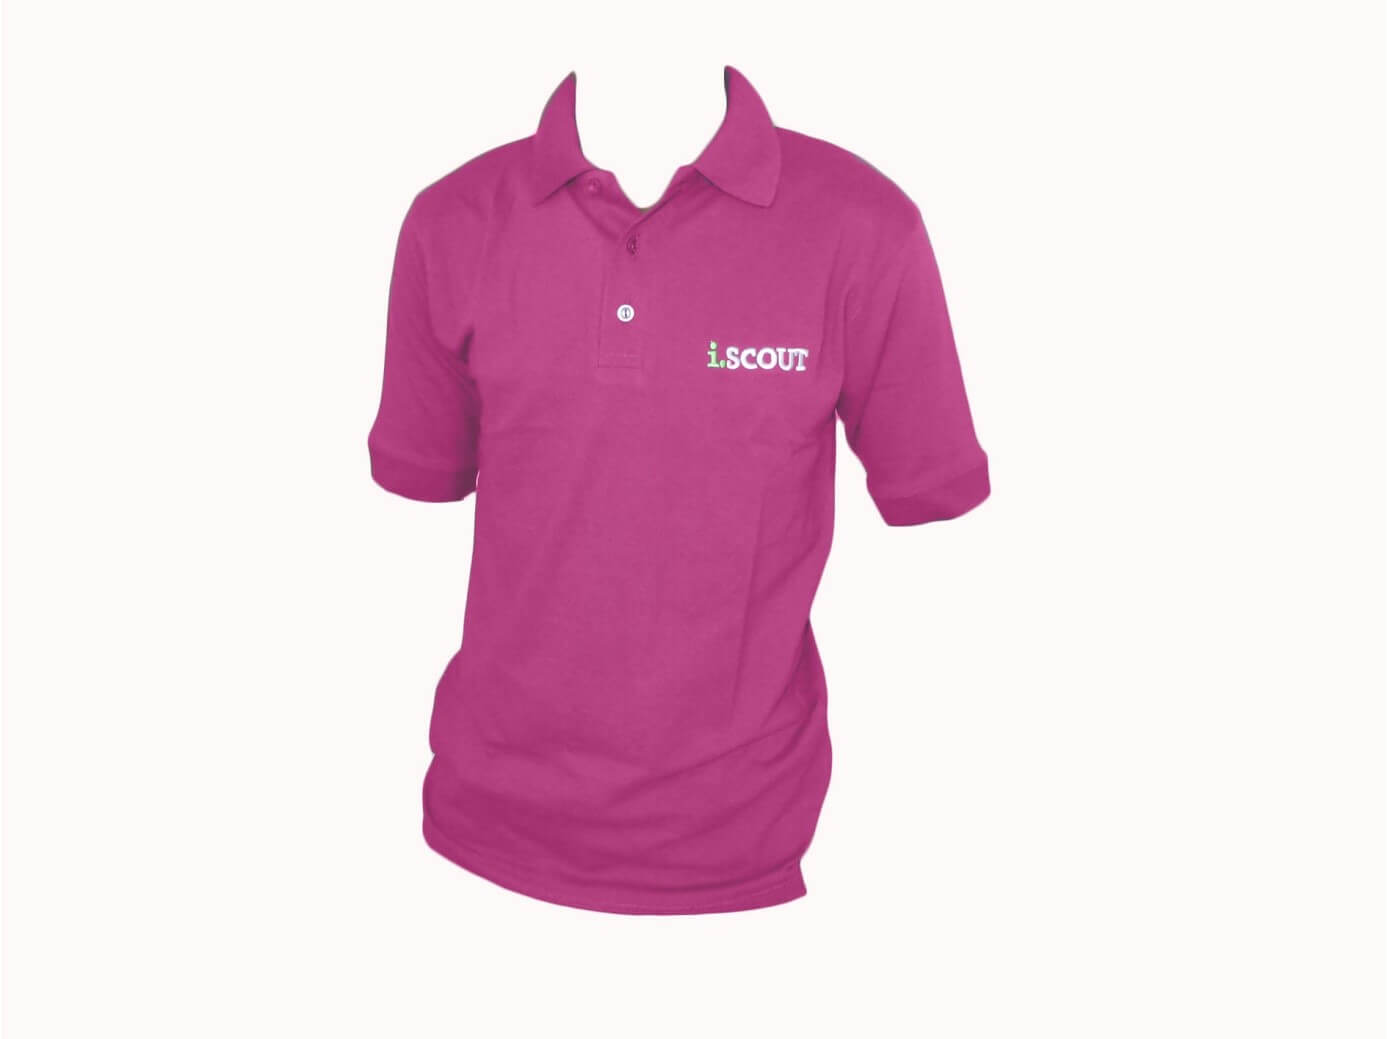 i.SCOUT Golf Shirt Pink